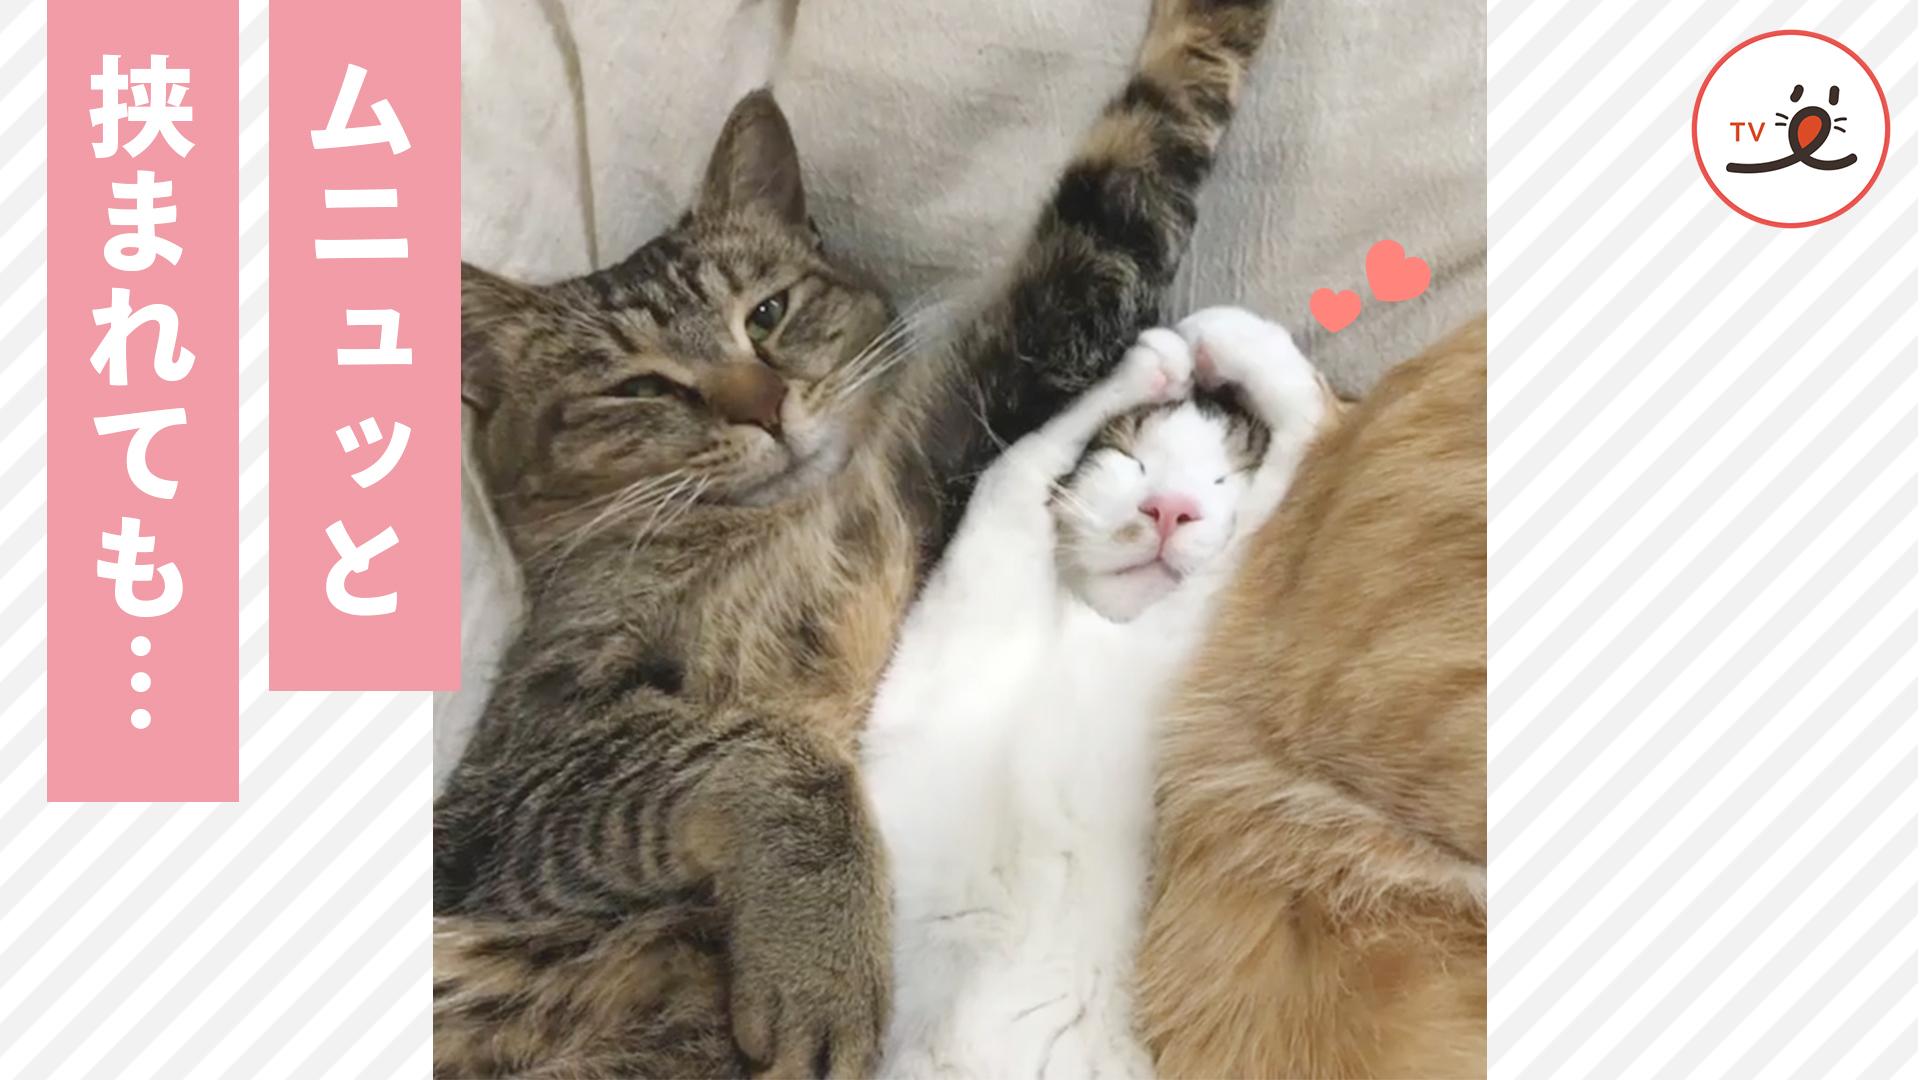 不思議なポーズでおやすみ…♡ 挟まれてもスヤスヤな子猫ちゃん😴